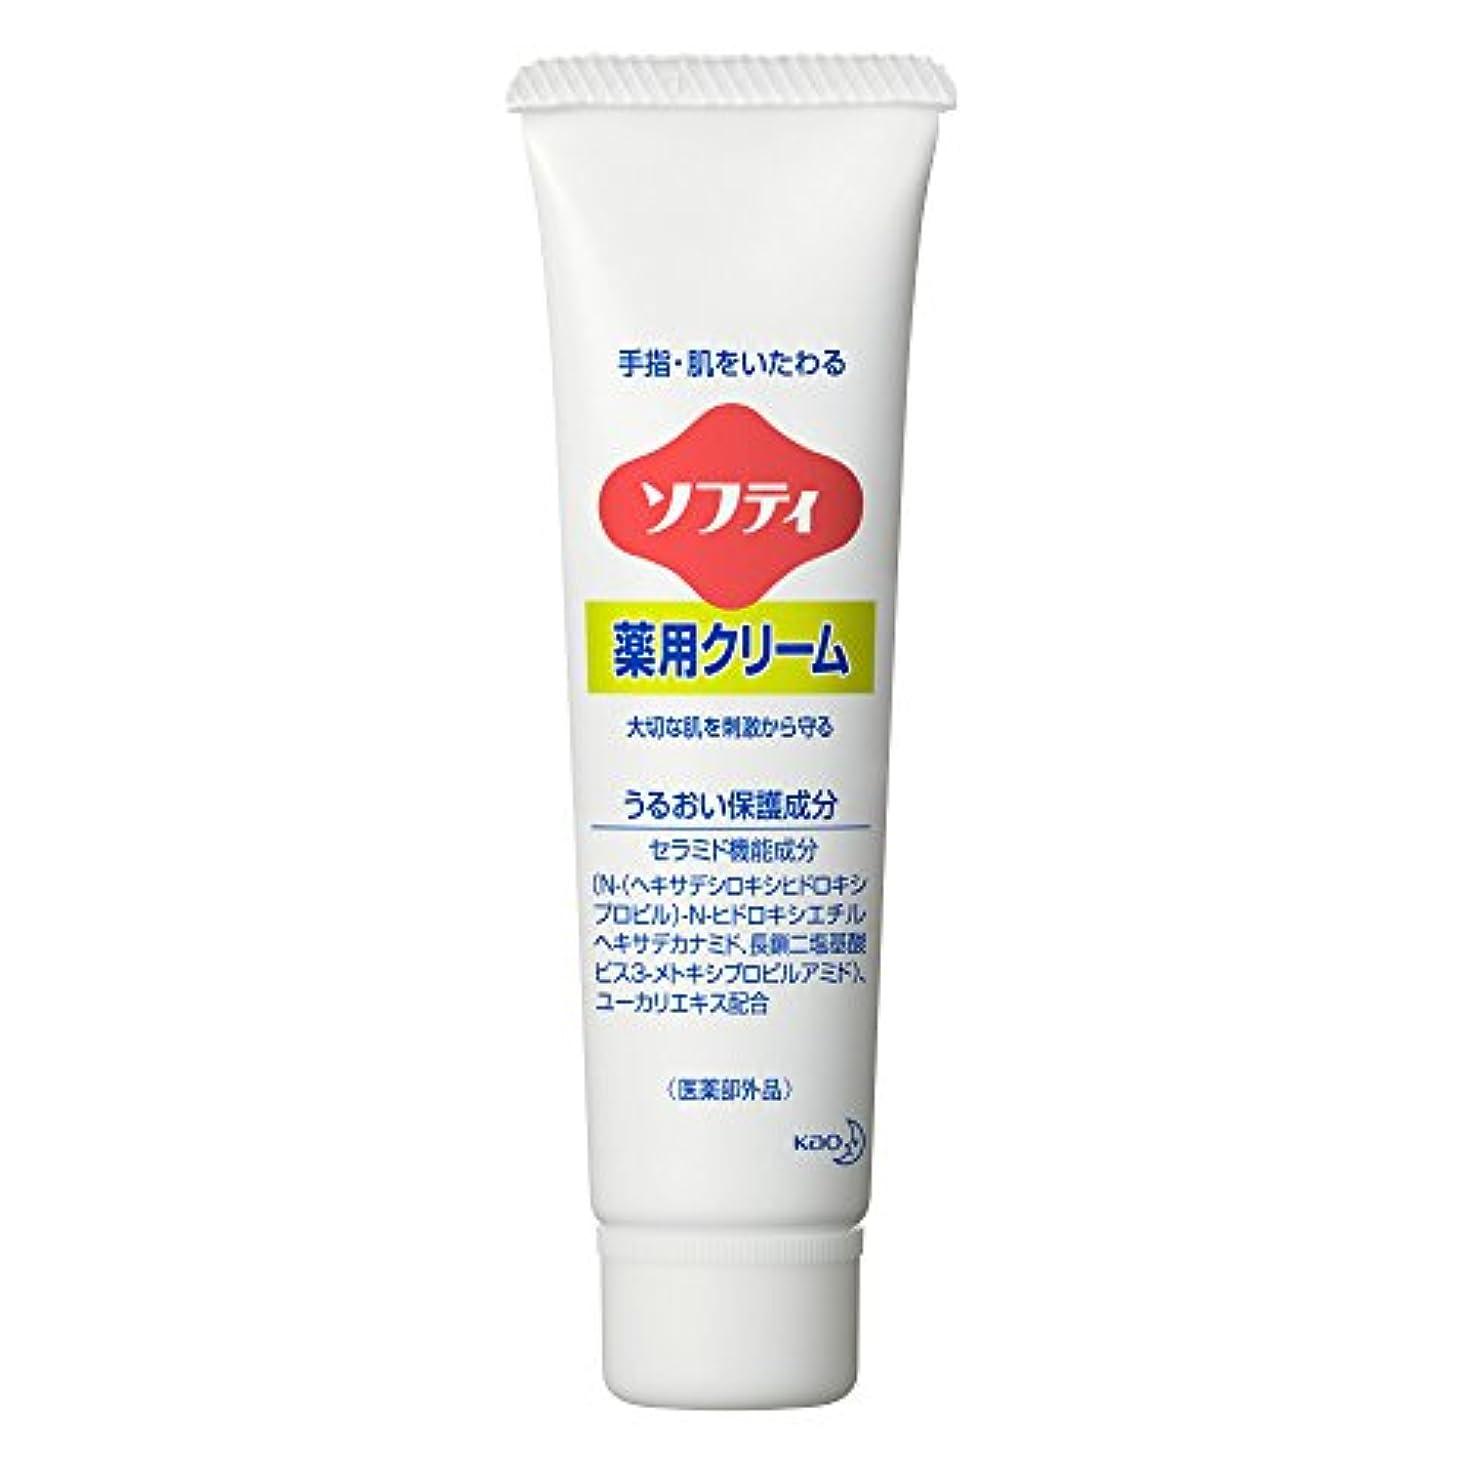 抑圧朝怒るソフティ 薬用クリーム 35g (花王プロフェッショナルシリーズ)